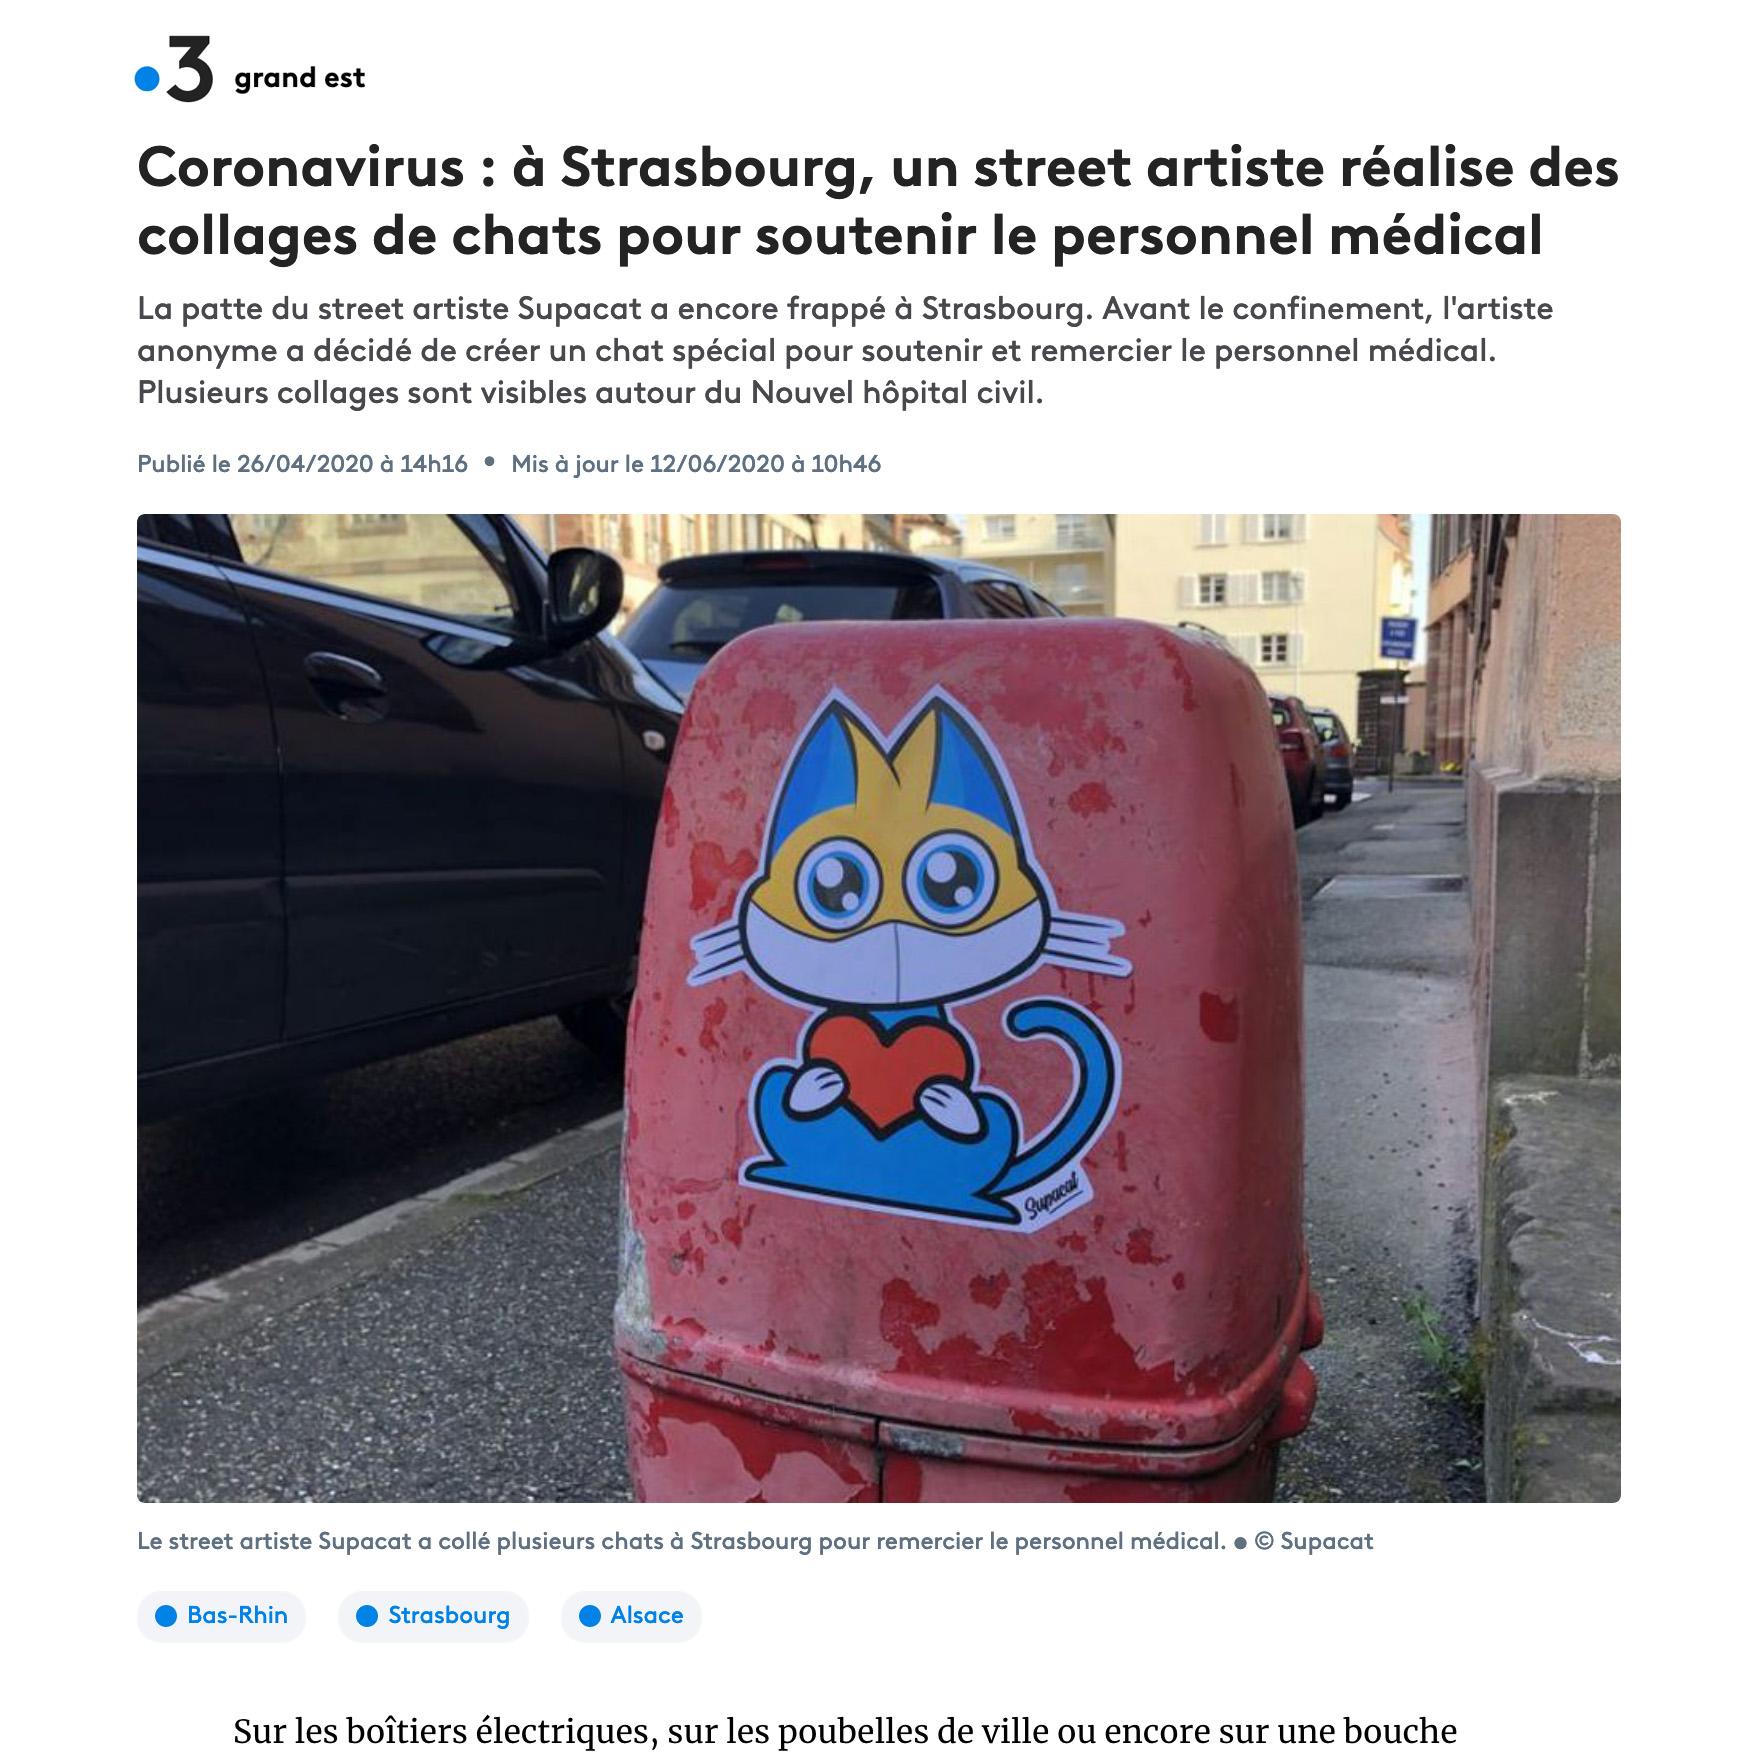 Coronavirus : à Strasbourg, un street artiste réalise des collages de chats pour soutenir le personnel médical